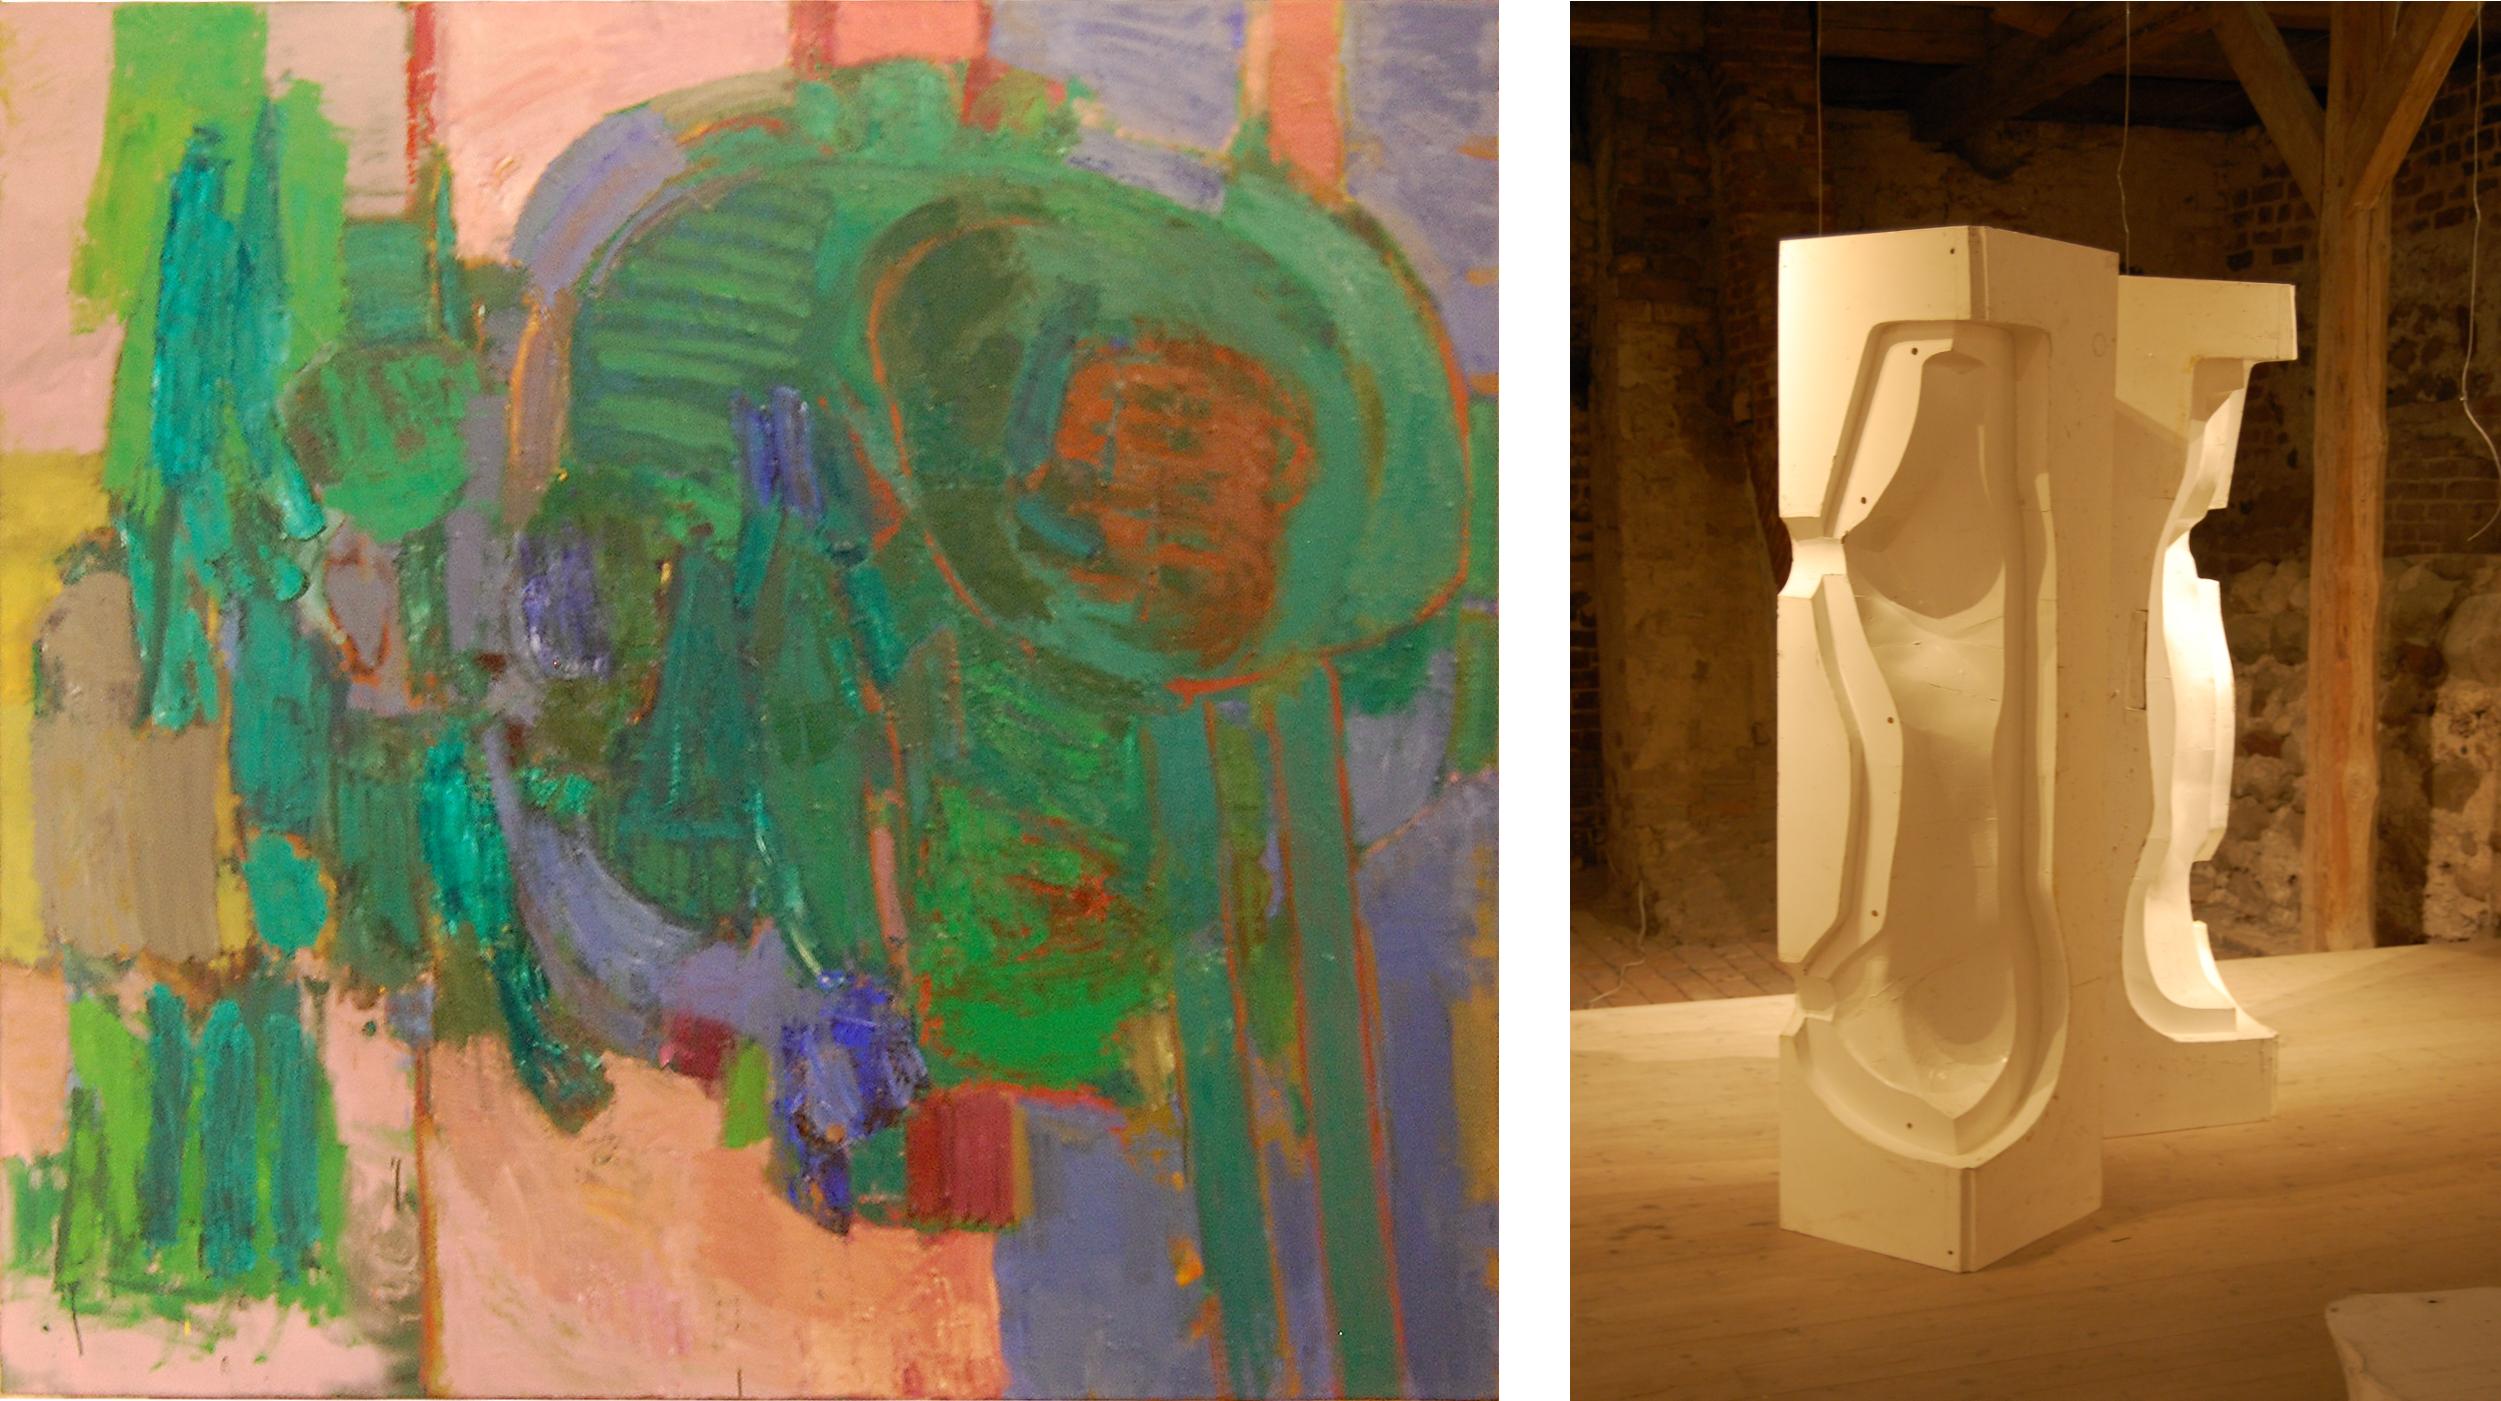 Ausstellung 05.08. - 17.09.2017 | Jörg-Uwe Jacob und Reinhard Buch | Malerei, Plastik